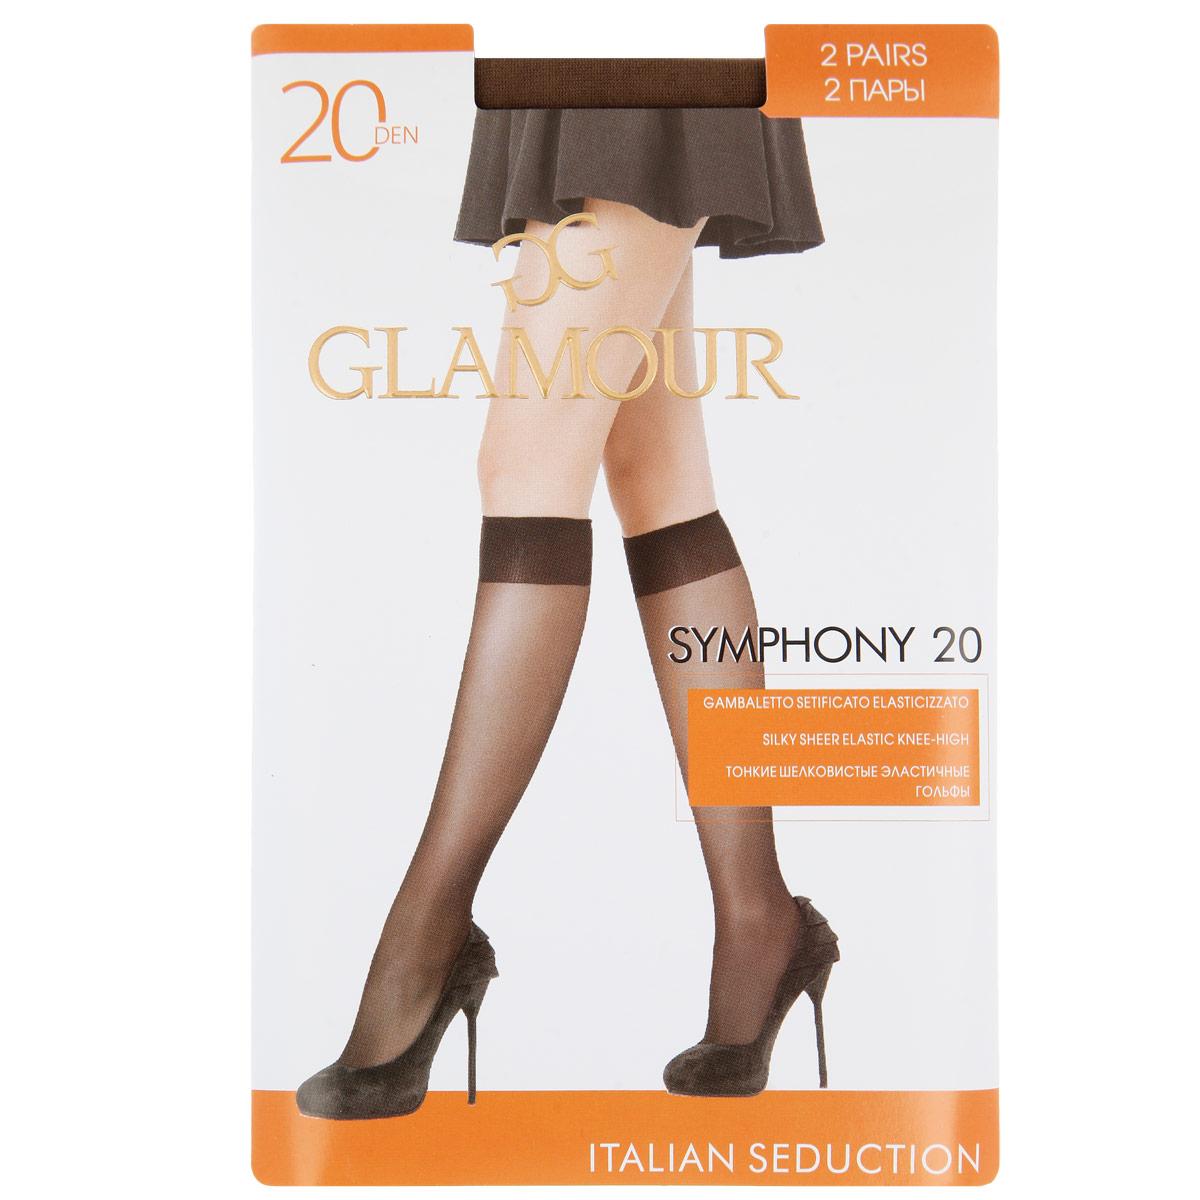 Гольфы женские Glamour Symphony 20, 2 парыSymphony 20 GB*2Тонкие шелковистые эластичные гольфы с мягкой комфортной резинкой и укрепленным мыском. В комплекте 2 пары. Плотность 20 Ден.